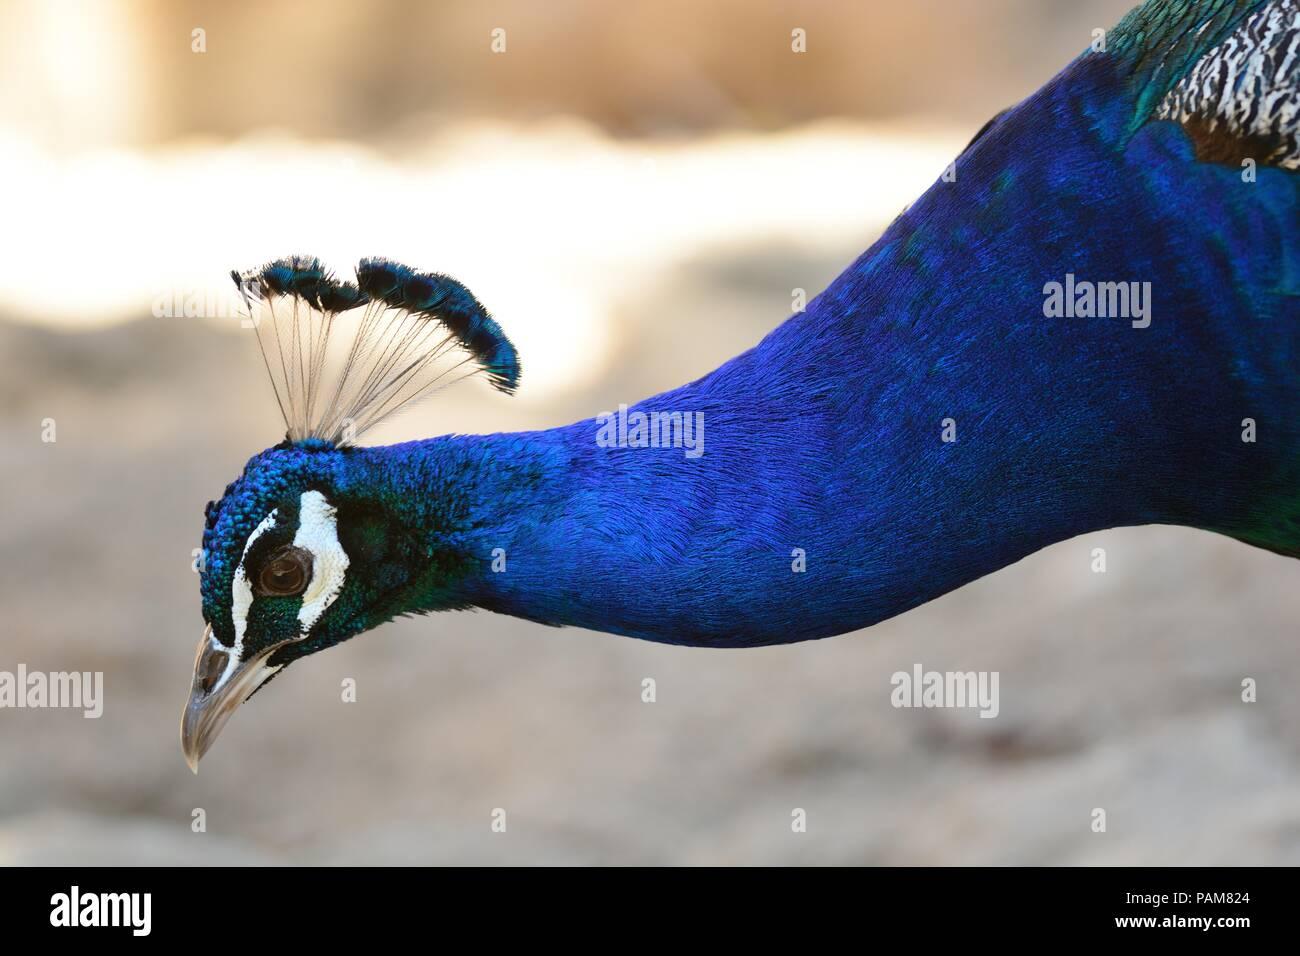 Disparo a la cabeza de un pavo real Imagen De Stock